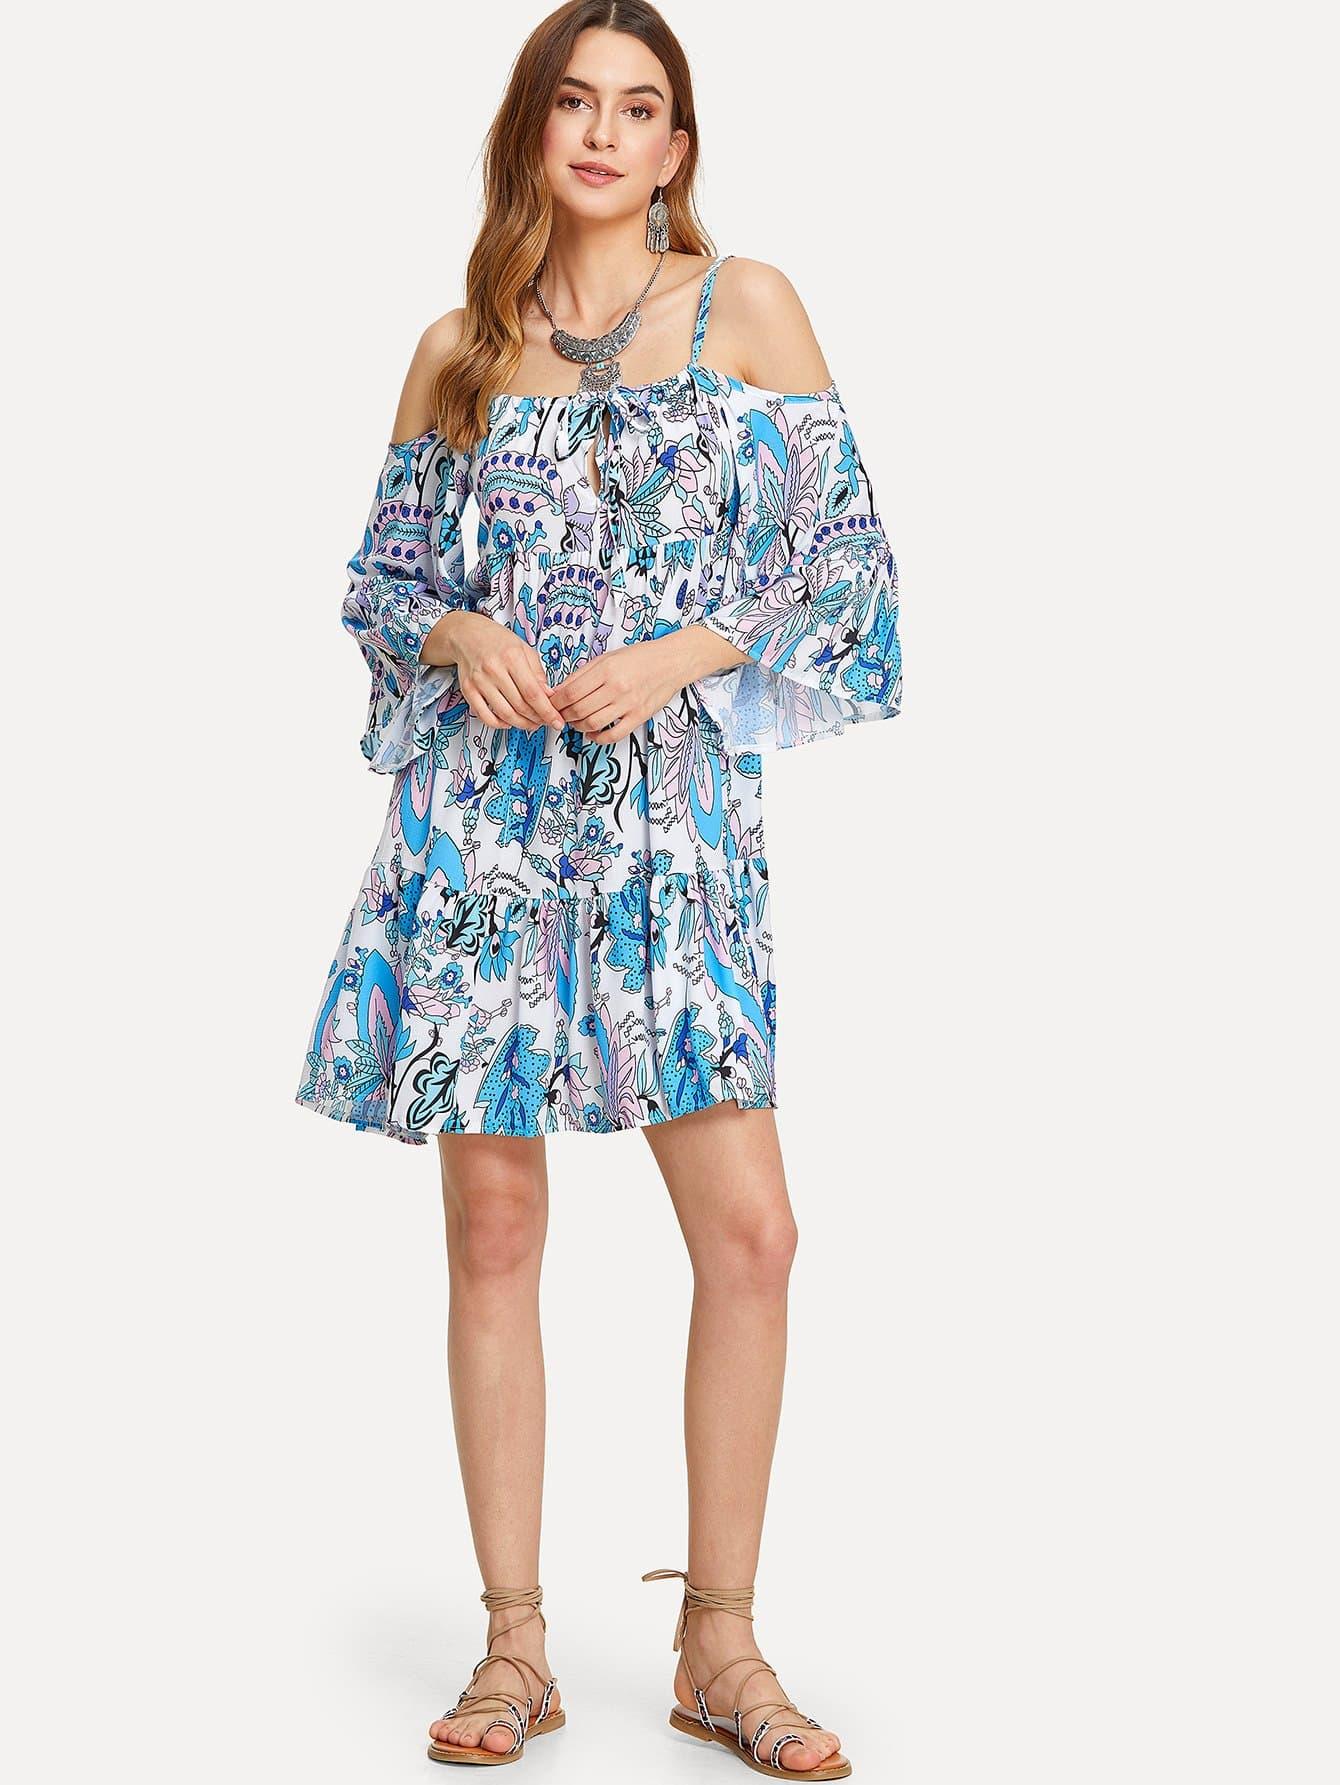 Open Shoulder Ruffle Hem Printed Dress open shoulder printed dress